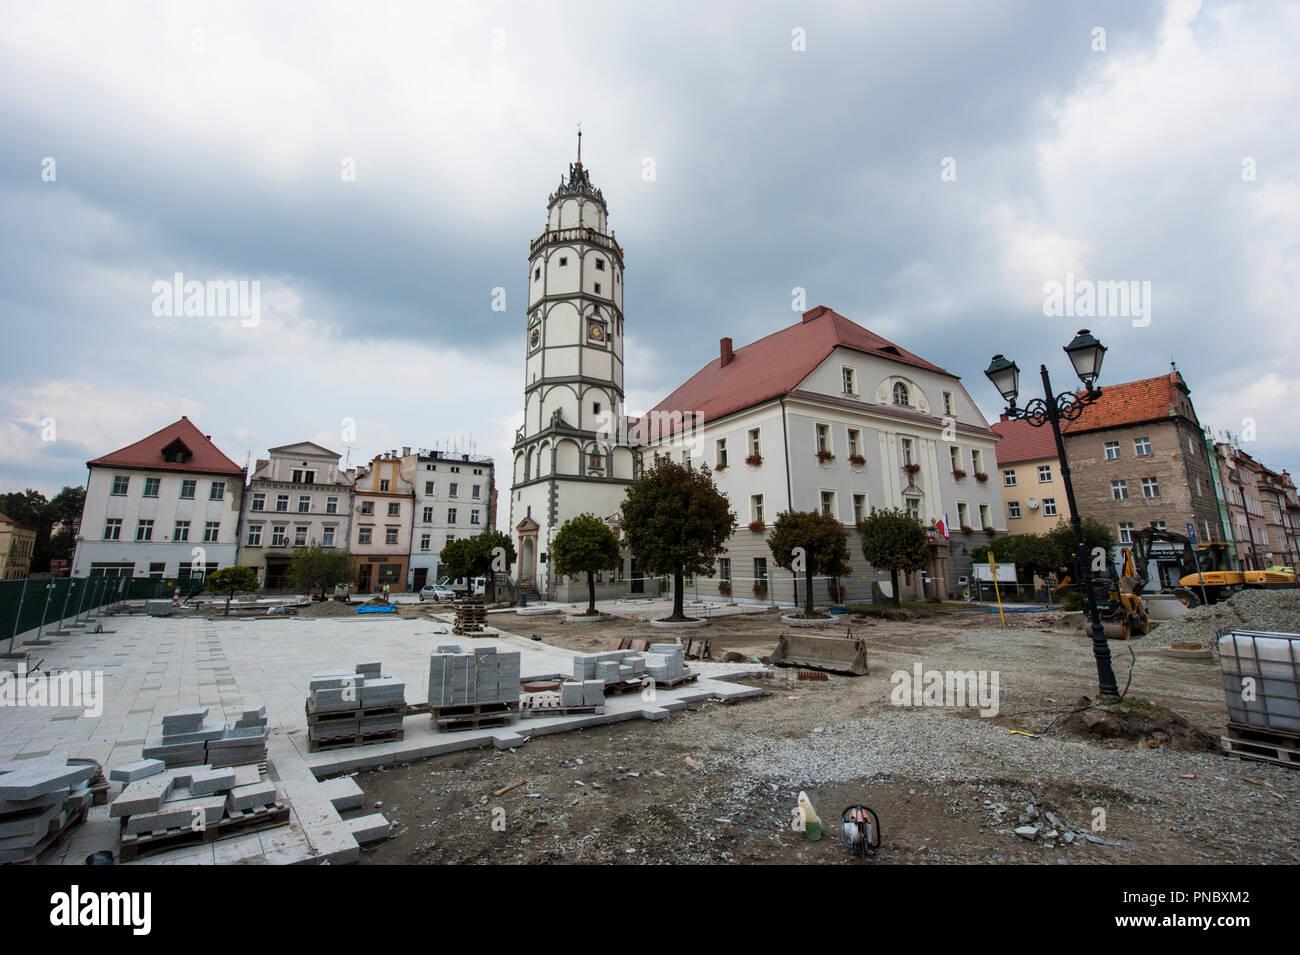 Das Rathaus von Paczkow, südwestliche Polen. Stockfoto